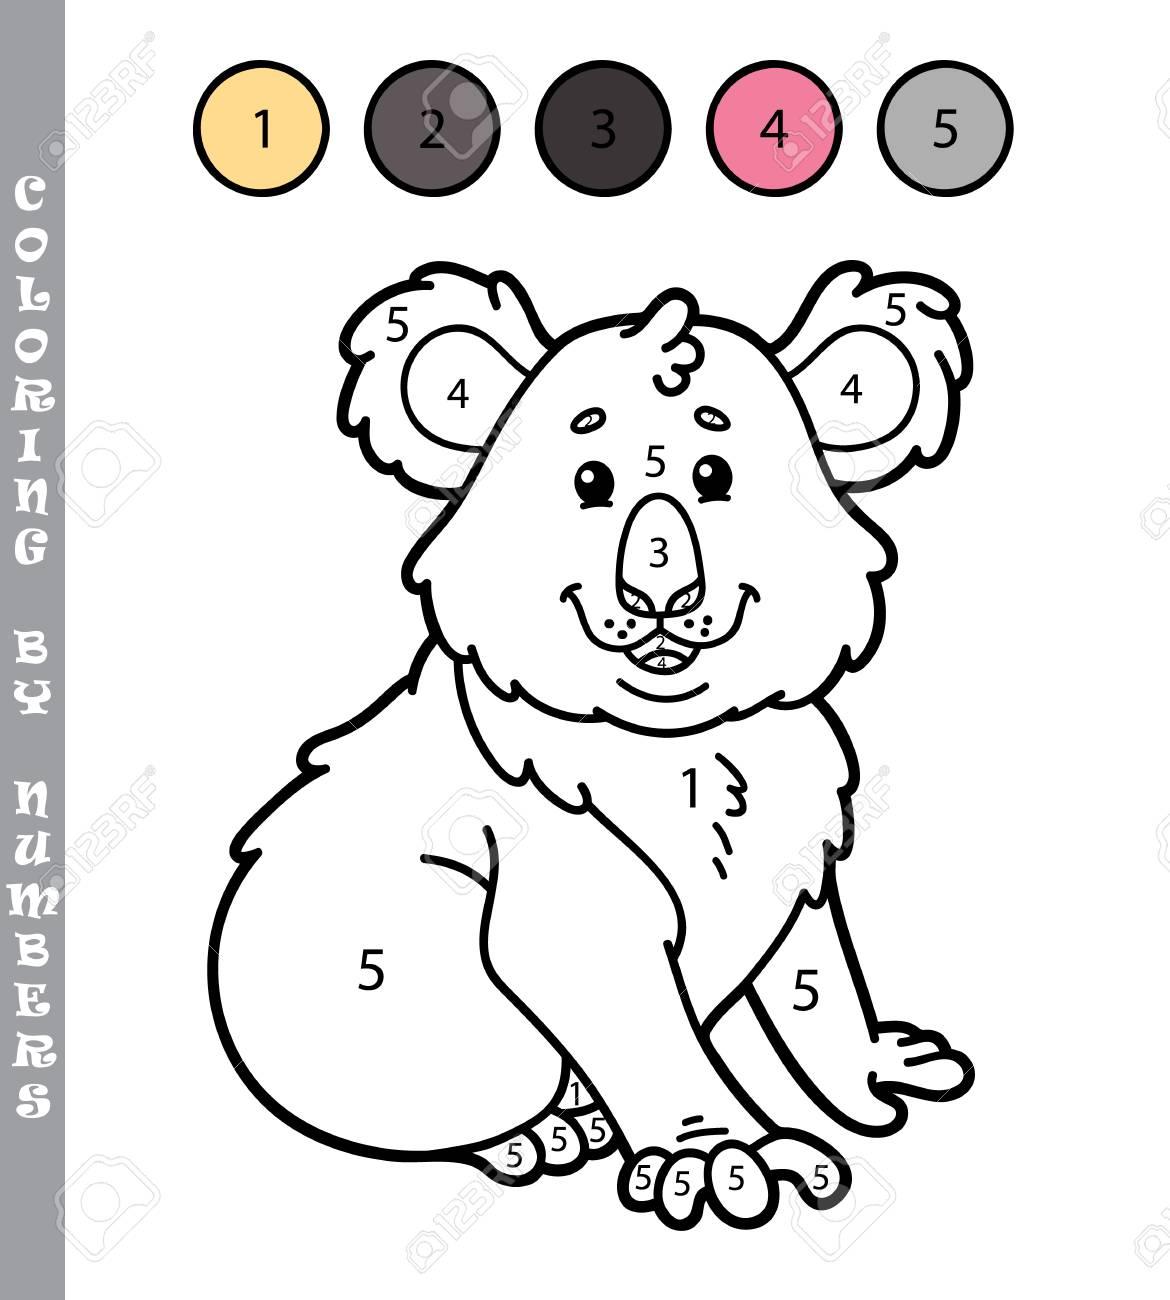 Colorear Por Números Divertido Juego Ilustración Vectorial Para Colorear Por Números Juego De La Koala De Dibujos Animados Para Los Niños